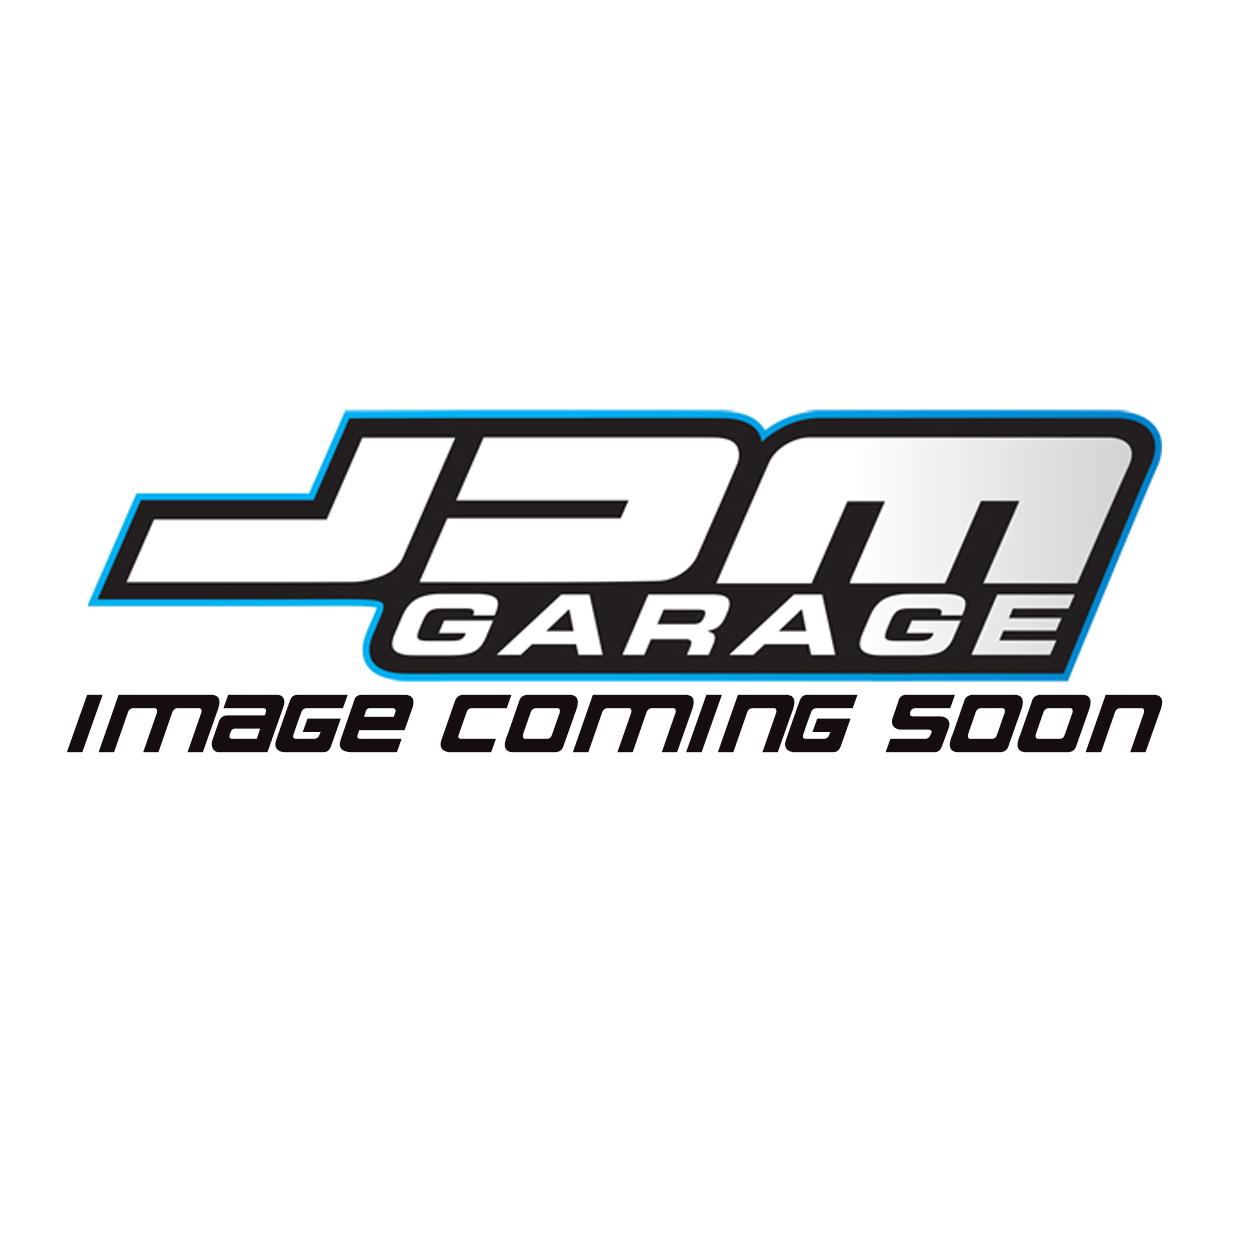 Hawk Front Brake Pads - Mitsubishi Lancer Evolution Evo 5 V 6 VI 7 VII 8 VIII 9 IX 10 X